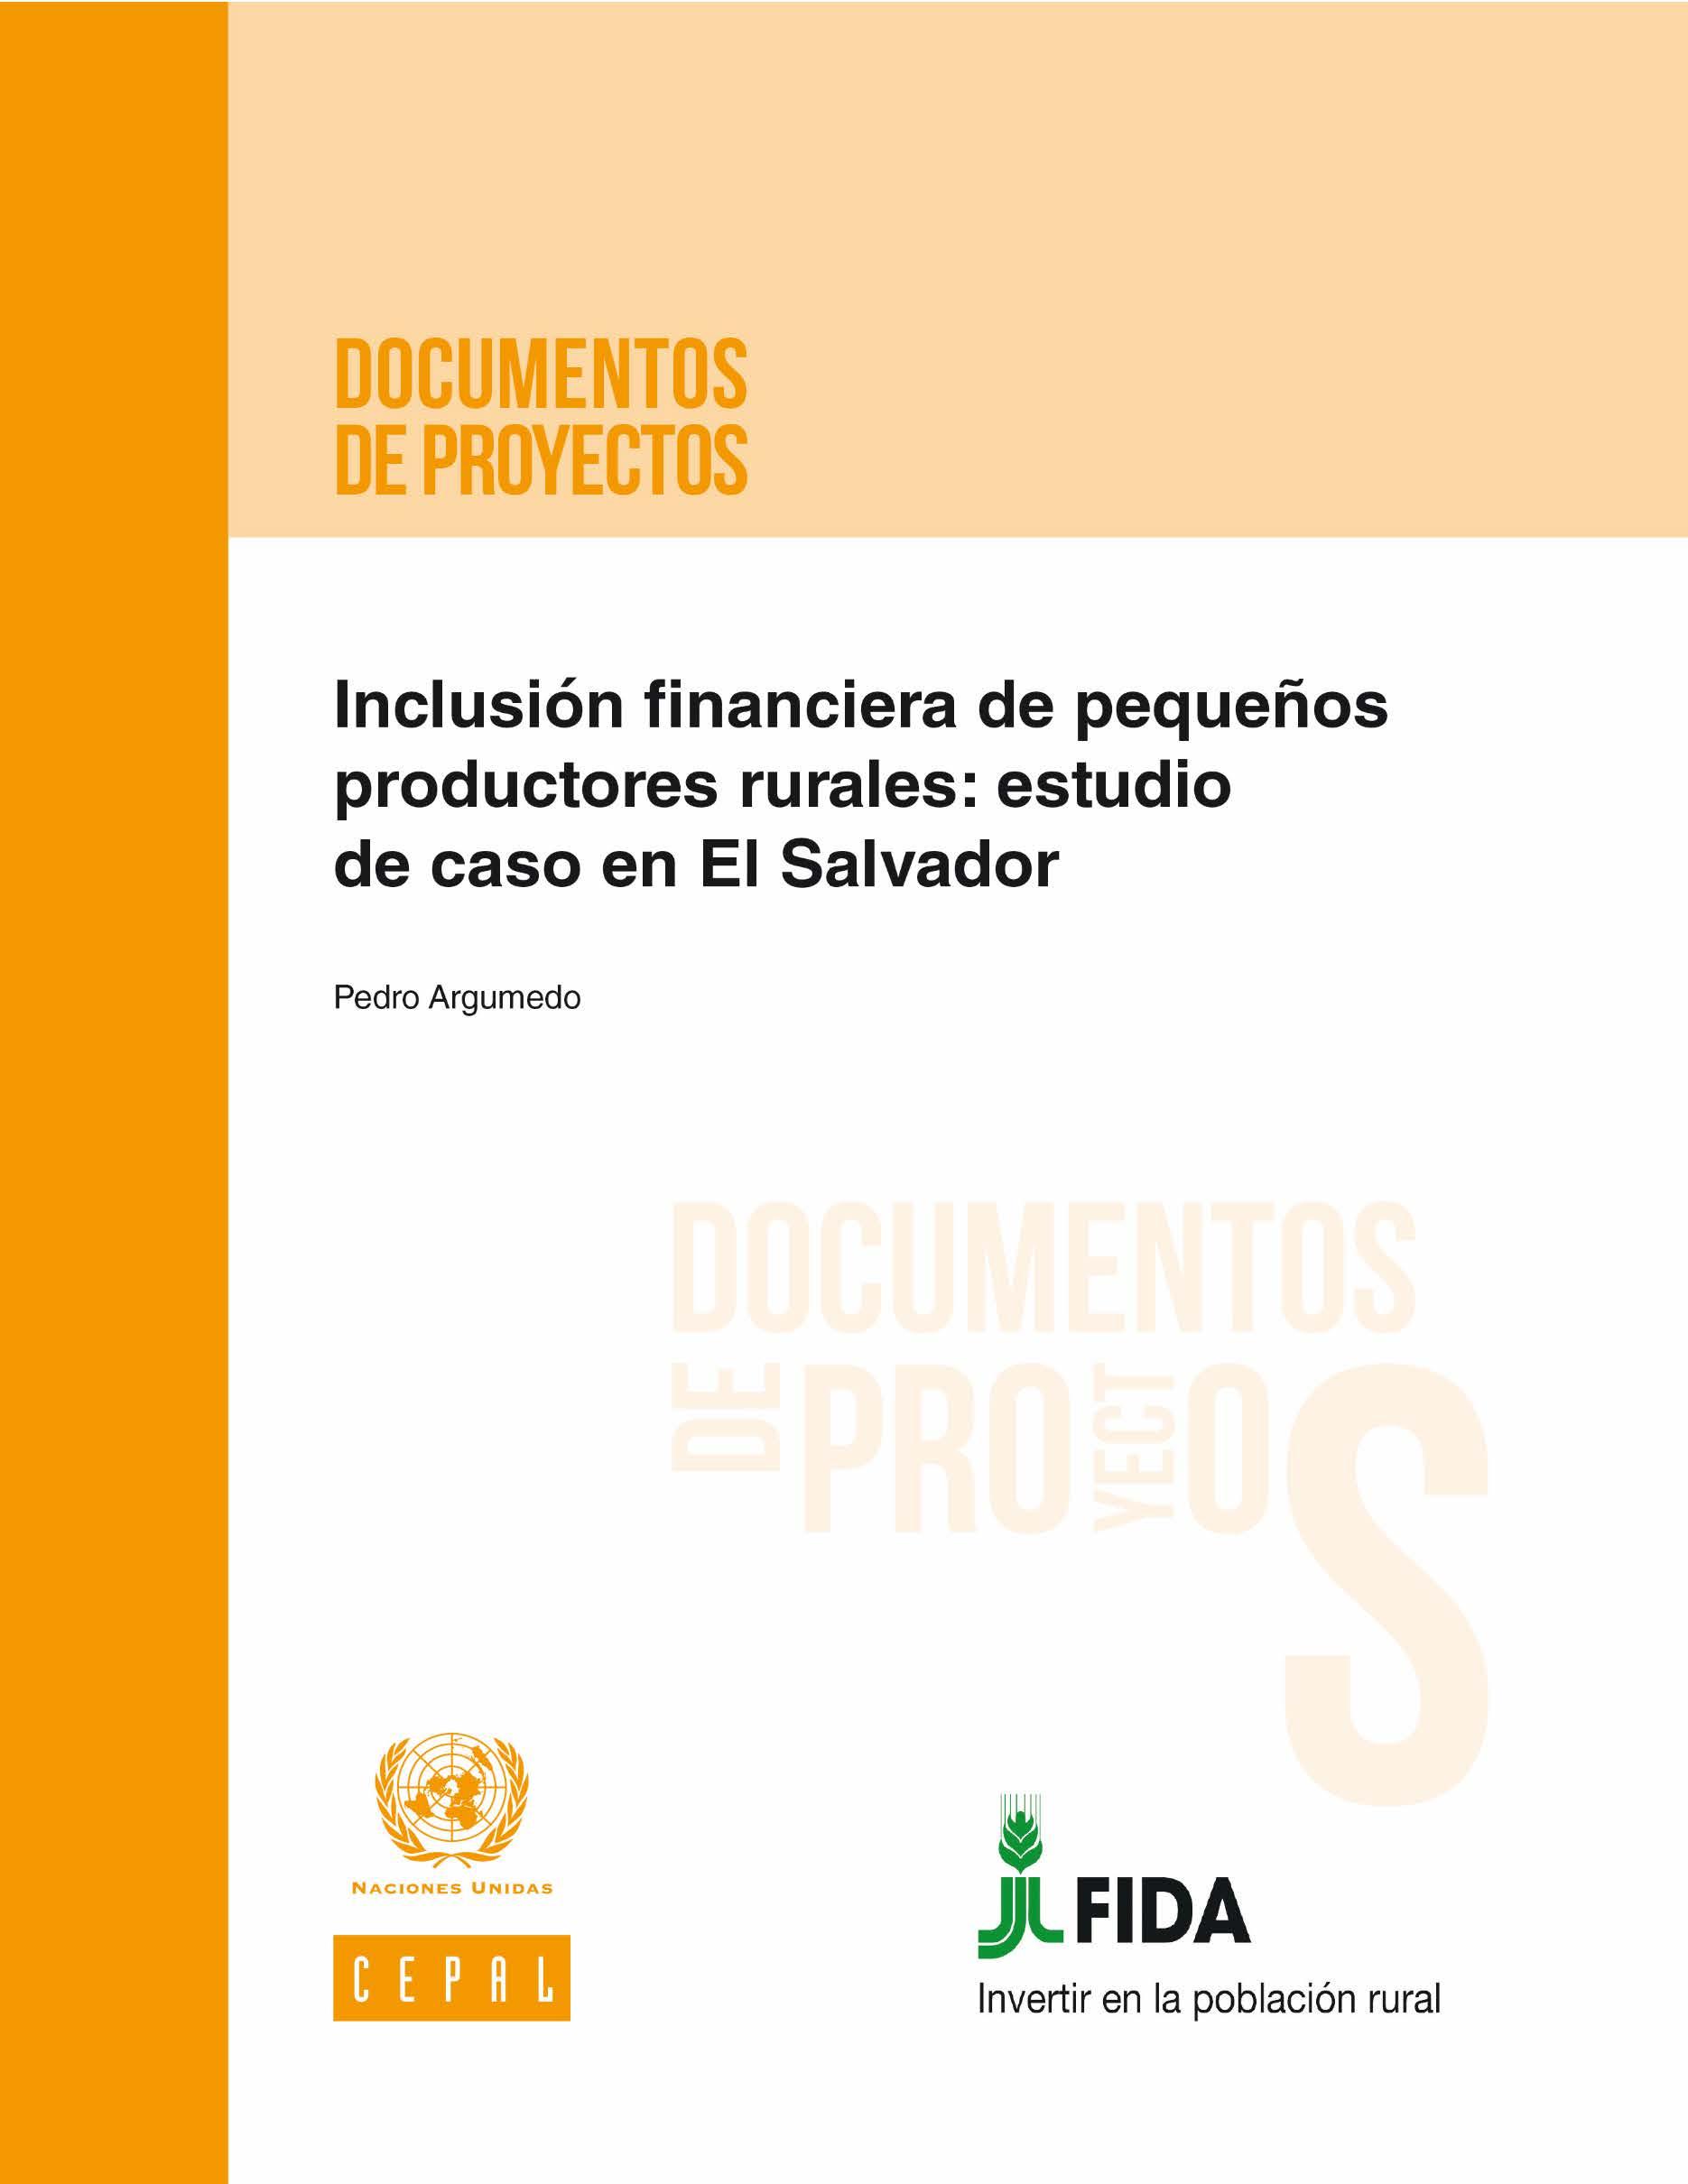 Inclusión financiera de pequeños productores rurales El Salvador